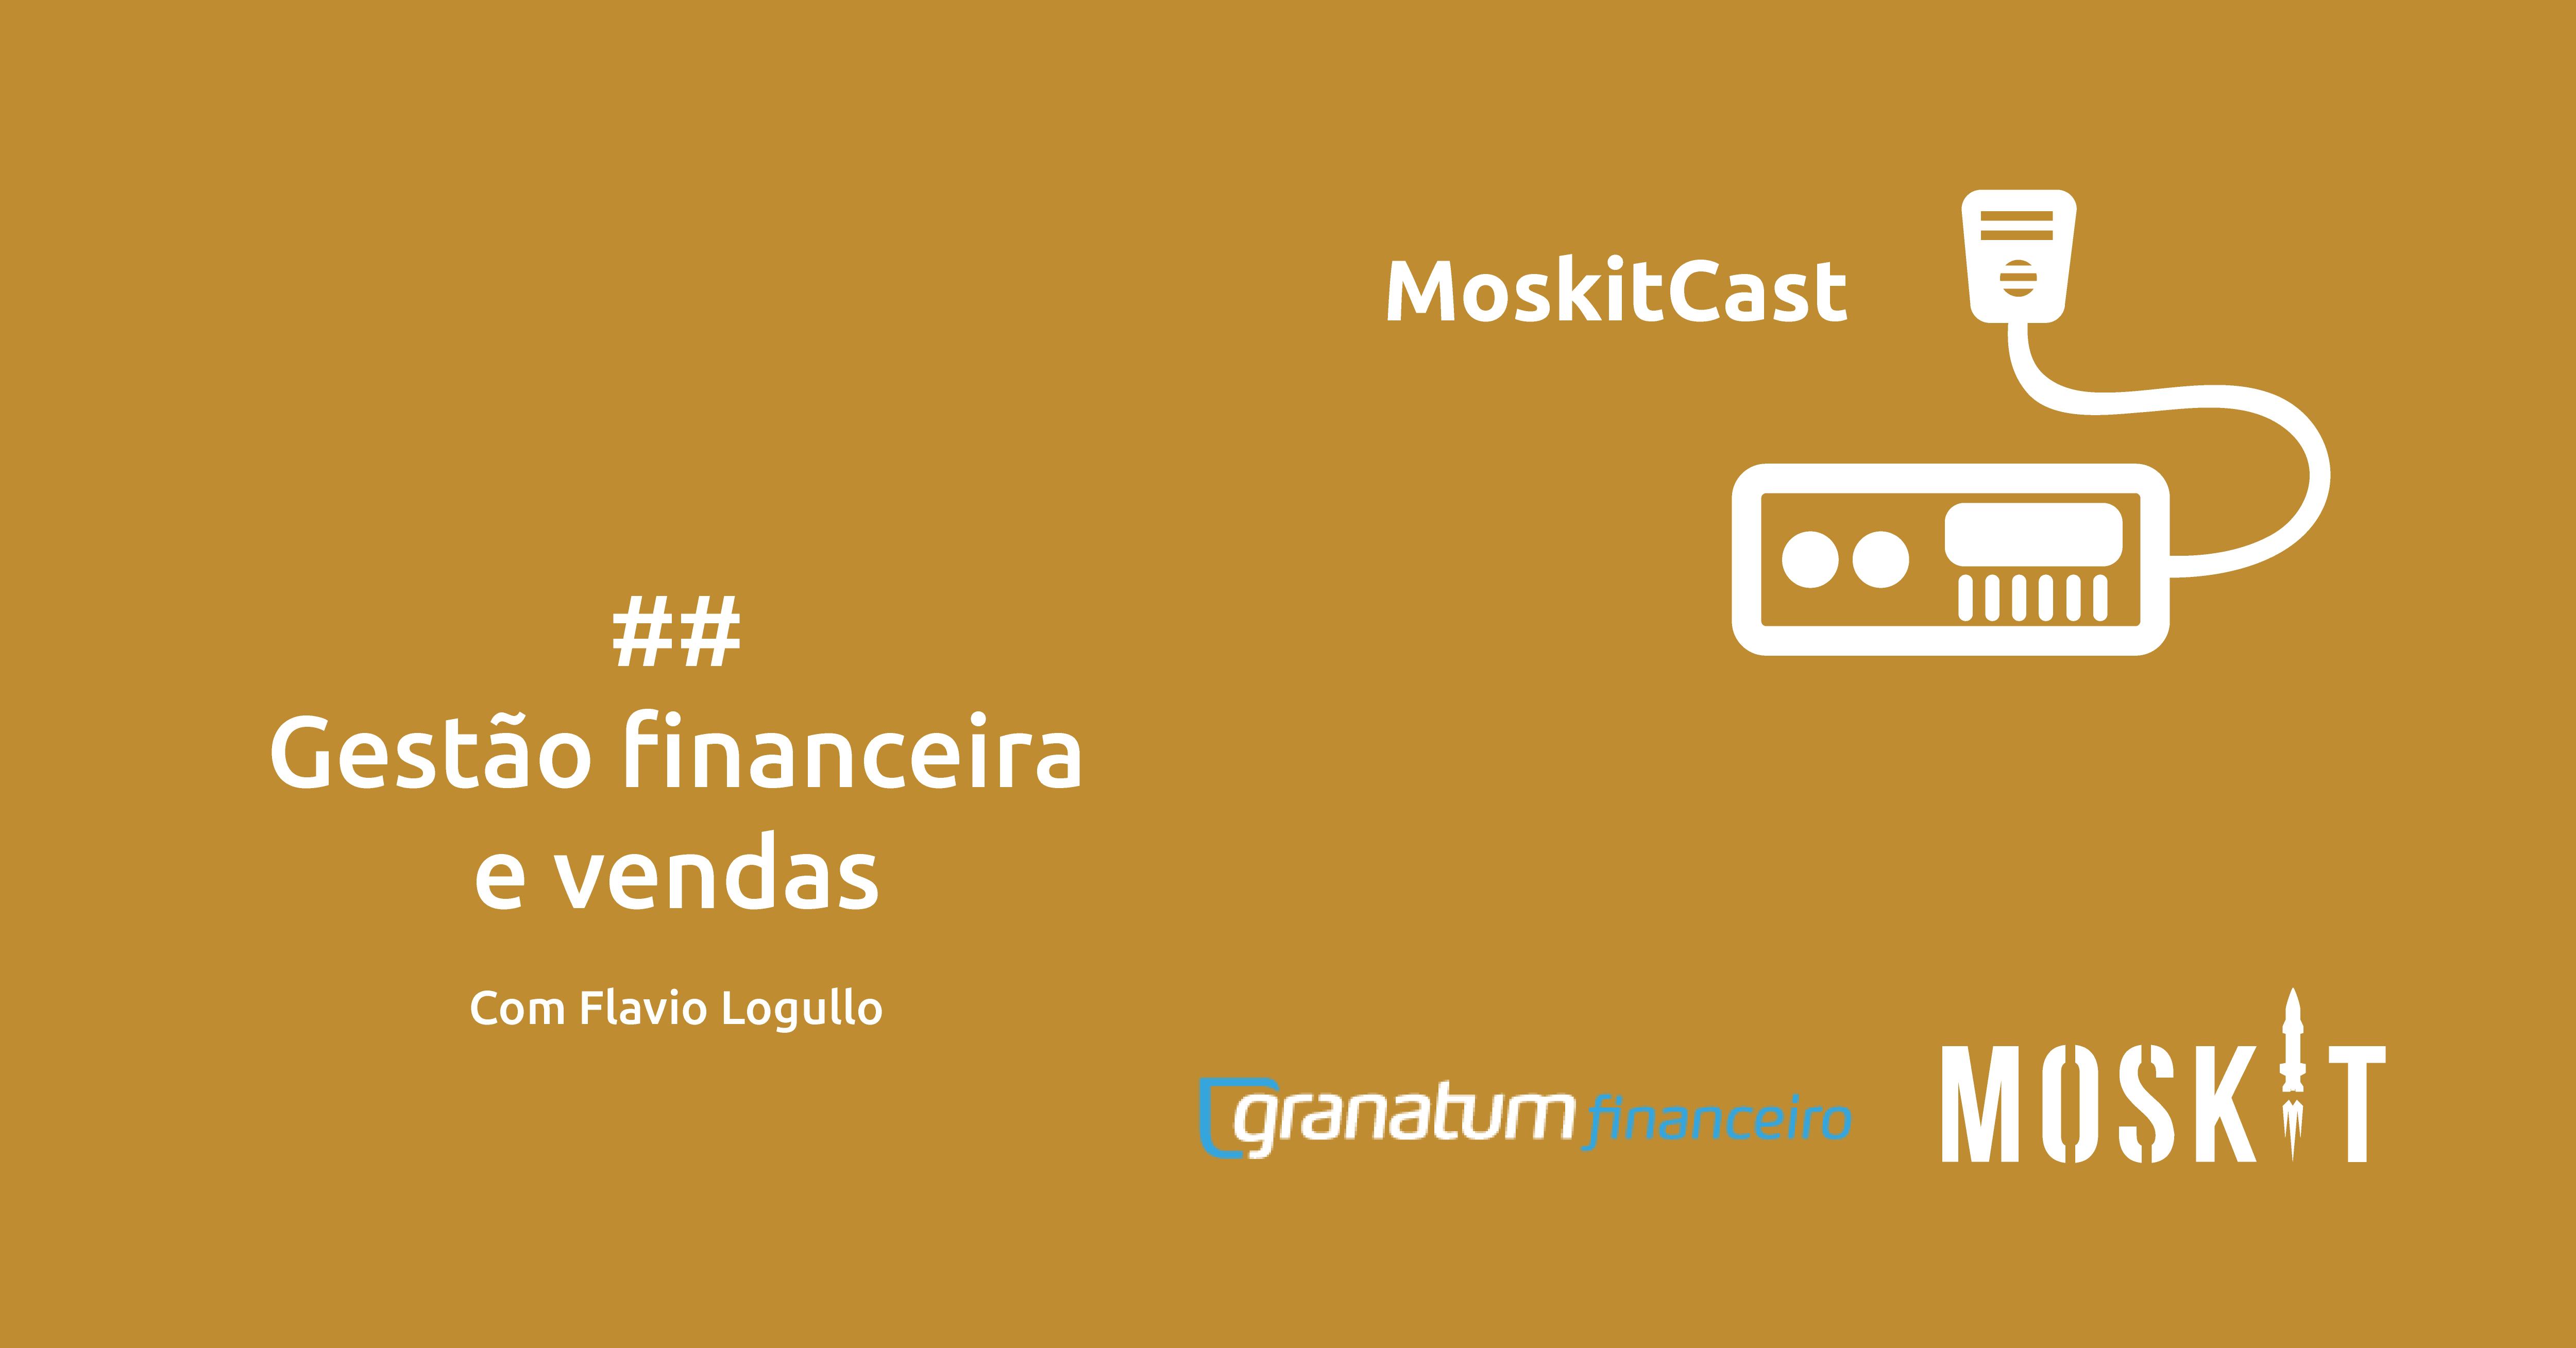 Gestão financeira e de vendas: Confira o bate papo entre Moskit e Granatum